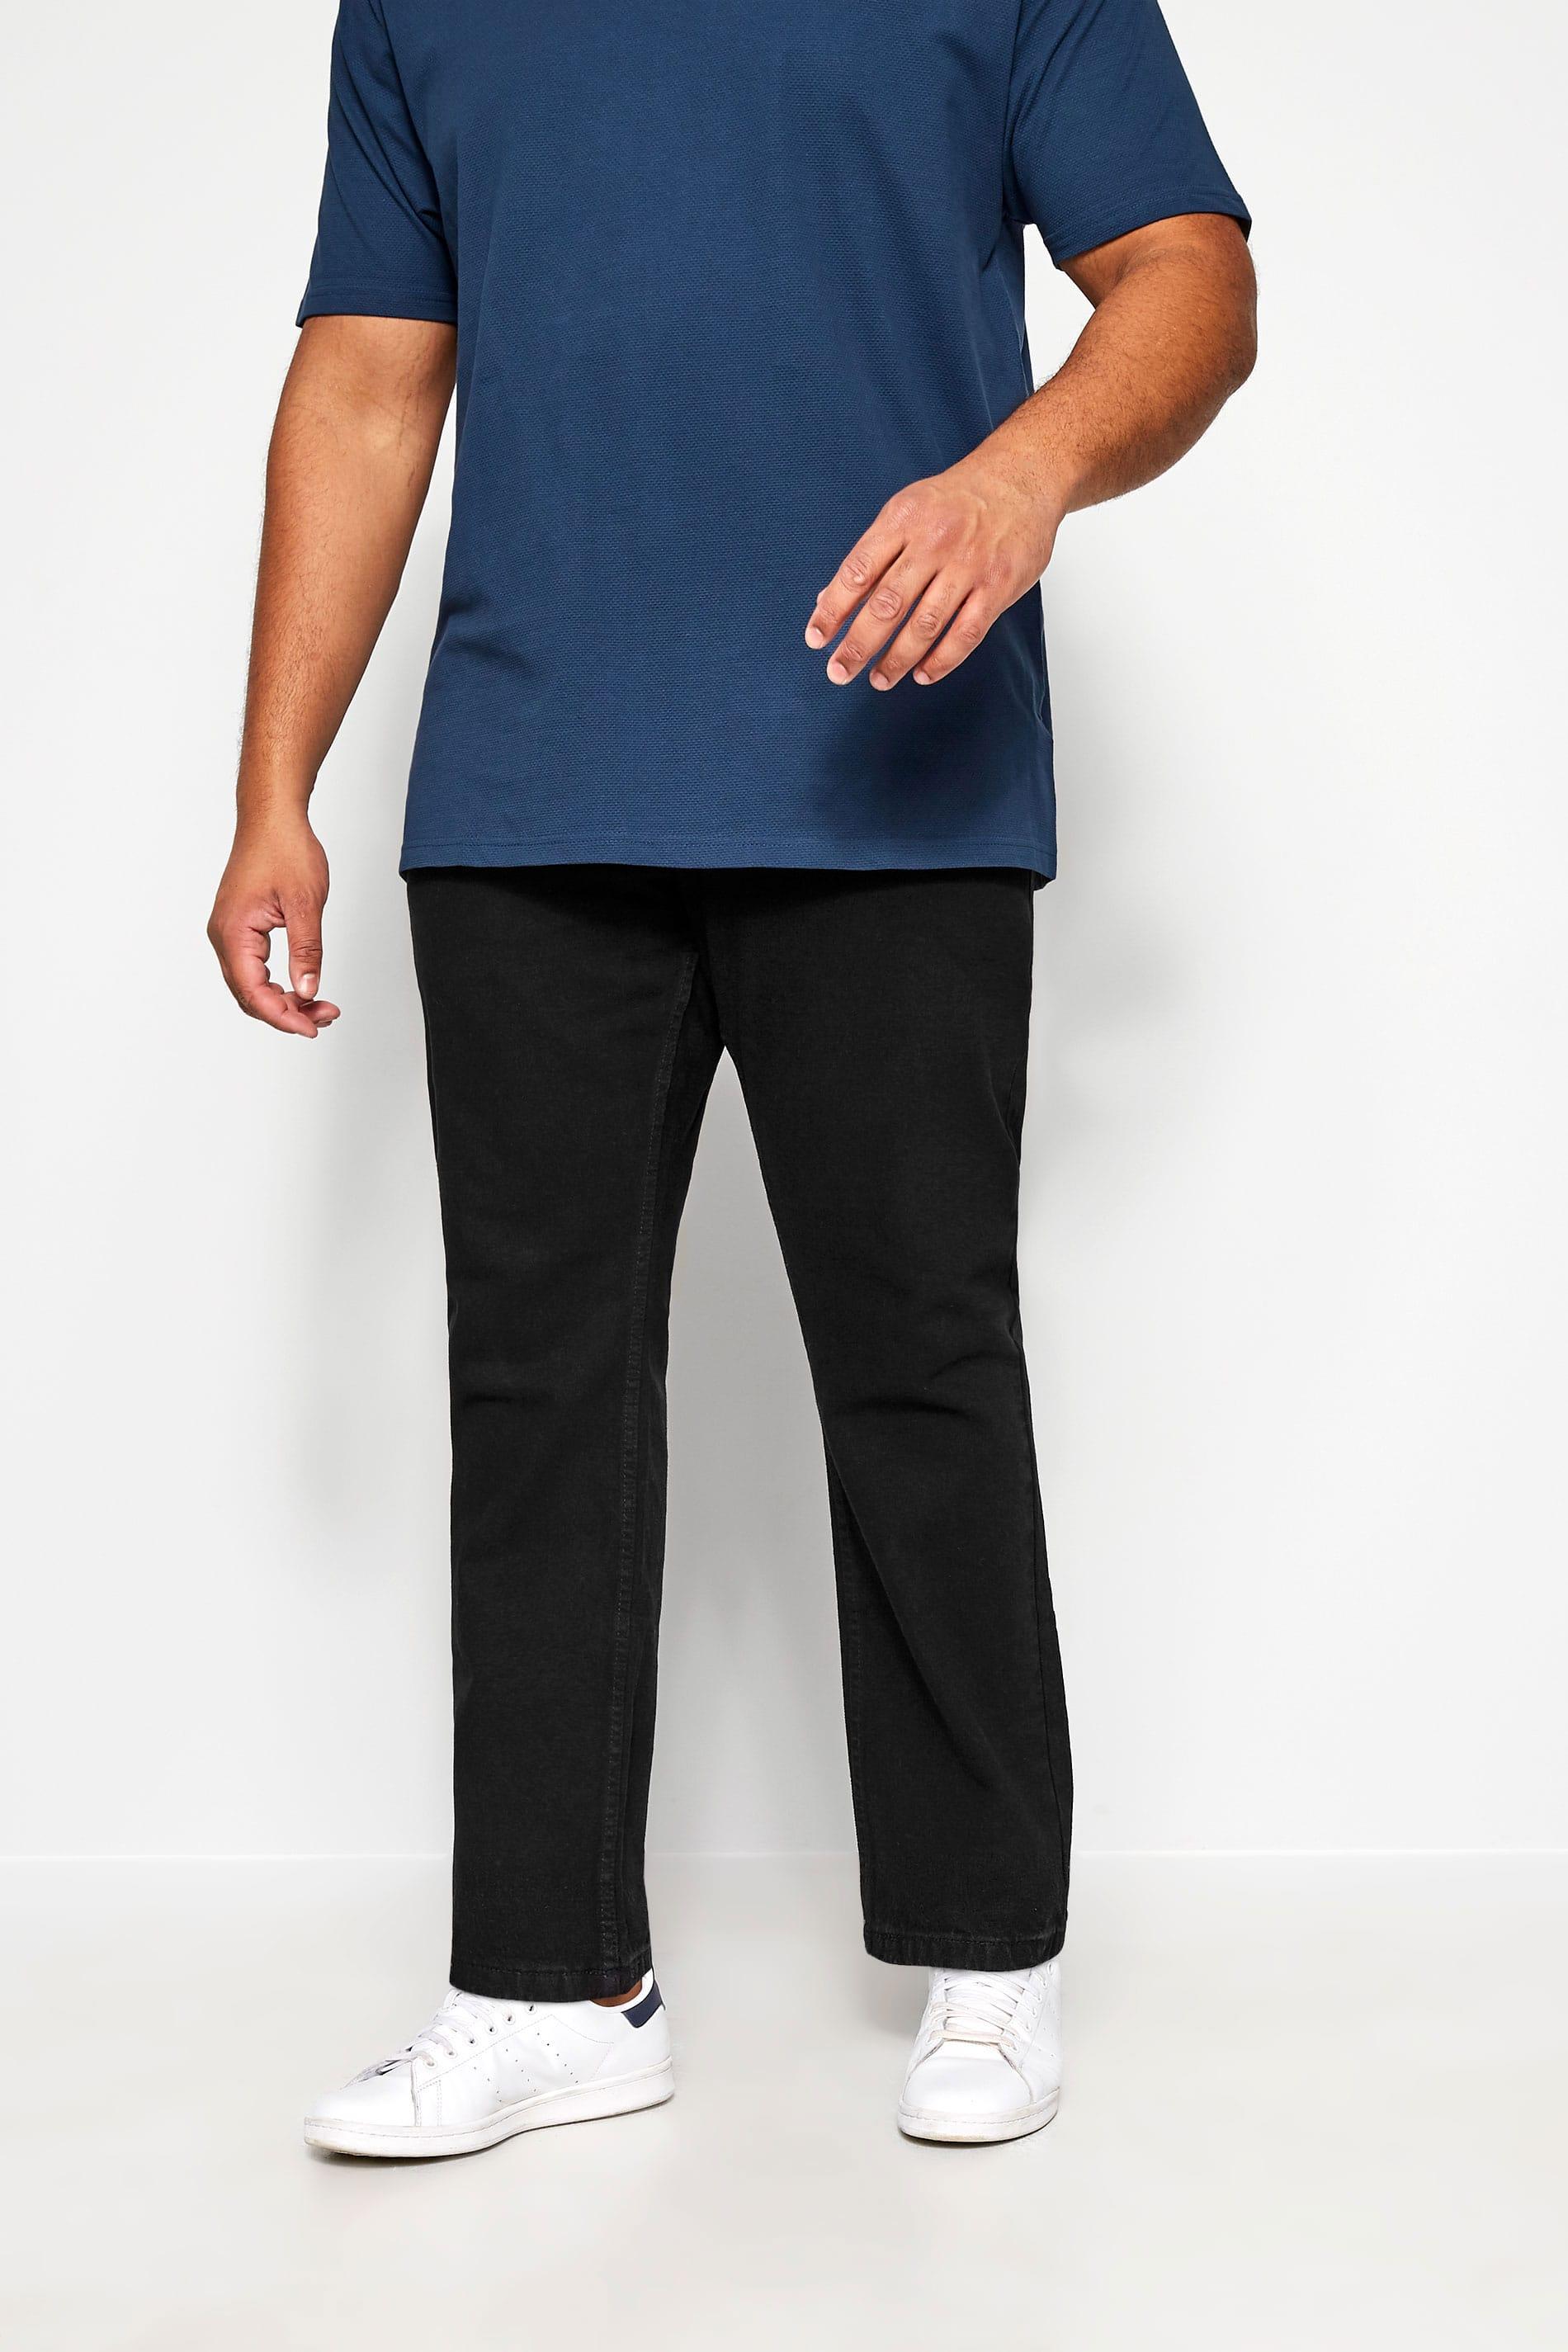 KAM Black Regular Fit Stretch Jeans